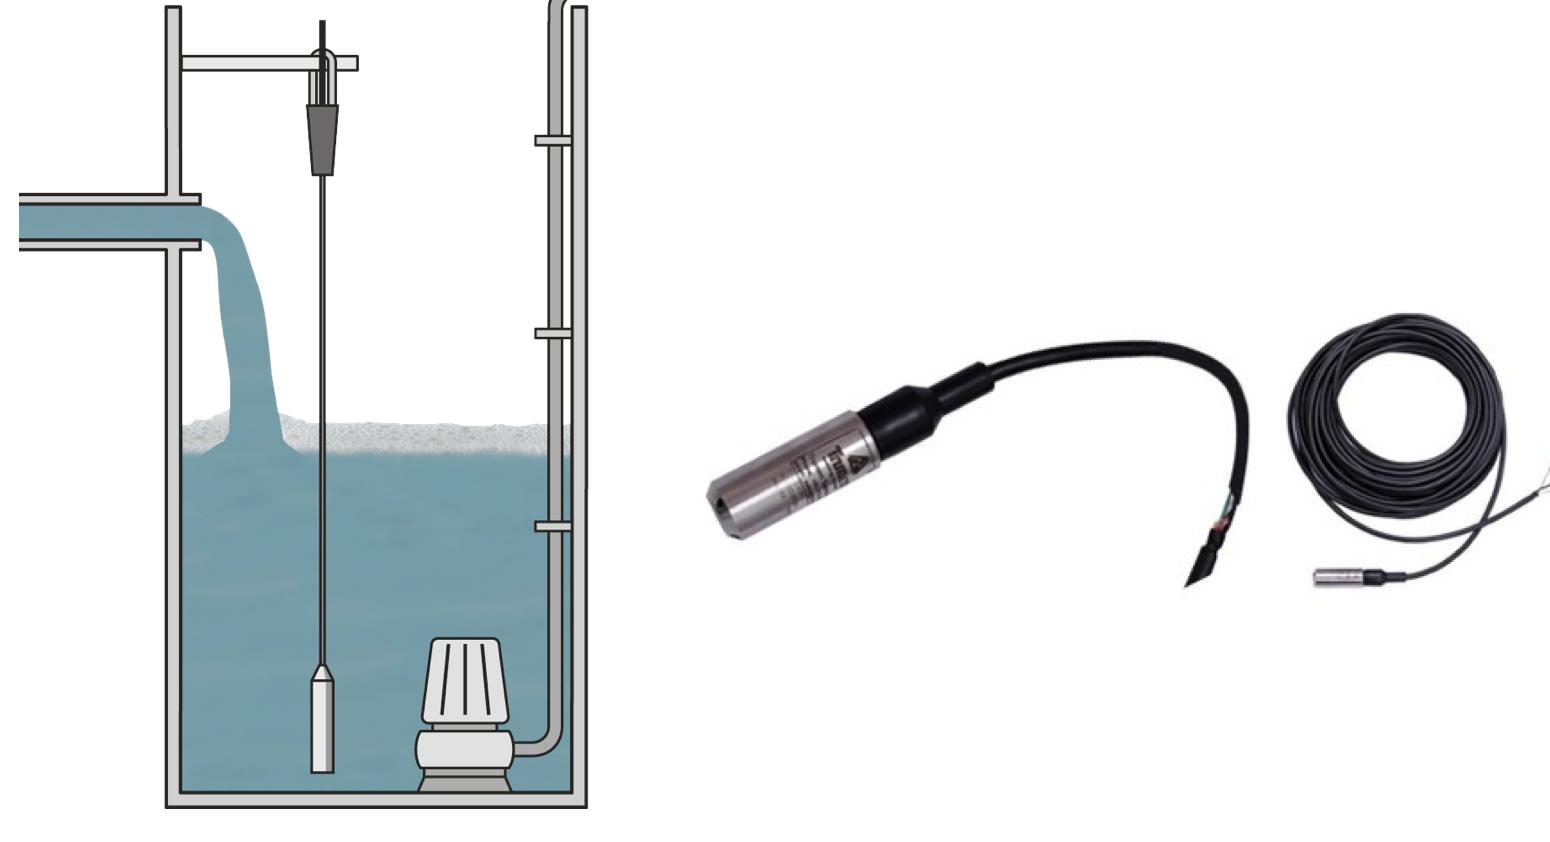 Cảm biến đo mức chất lỏng theo phương pháp thuỷ tĩnh